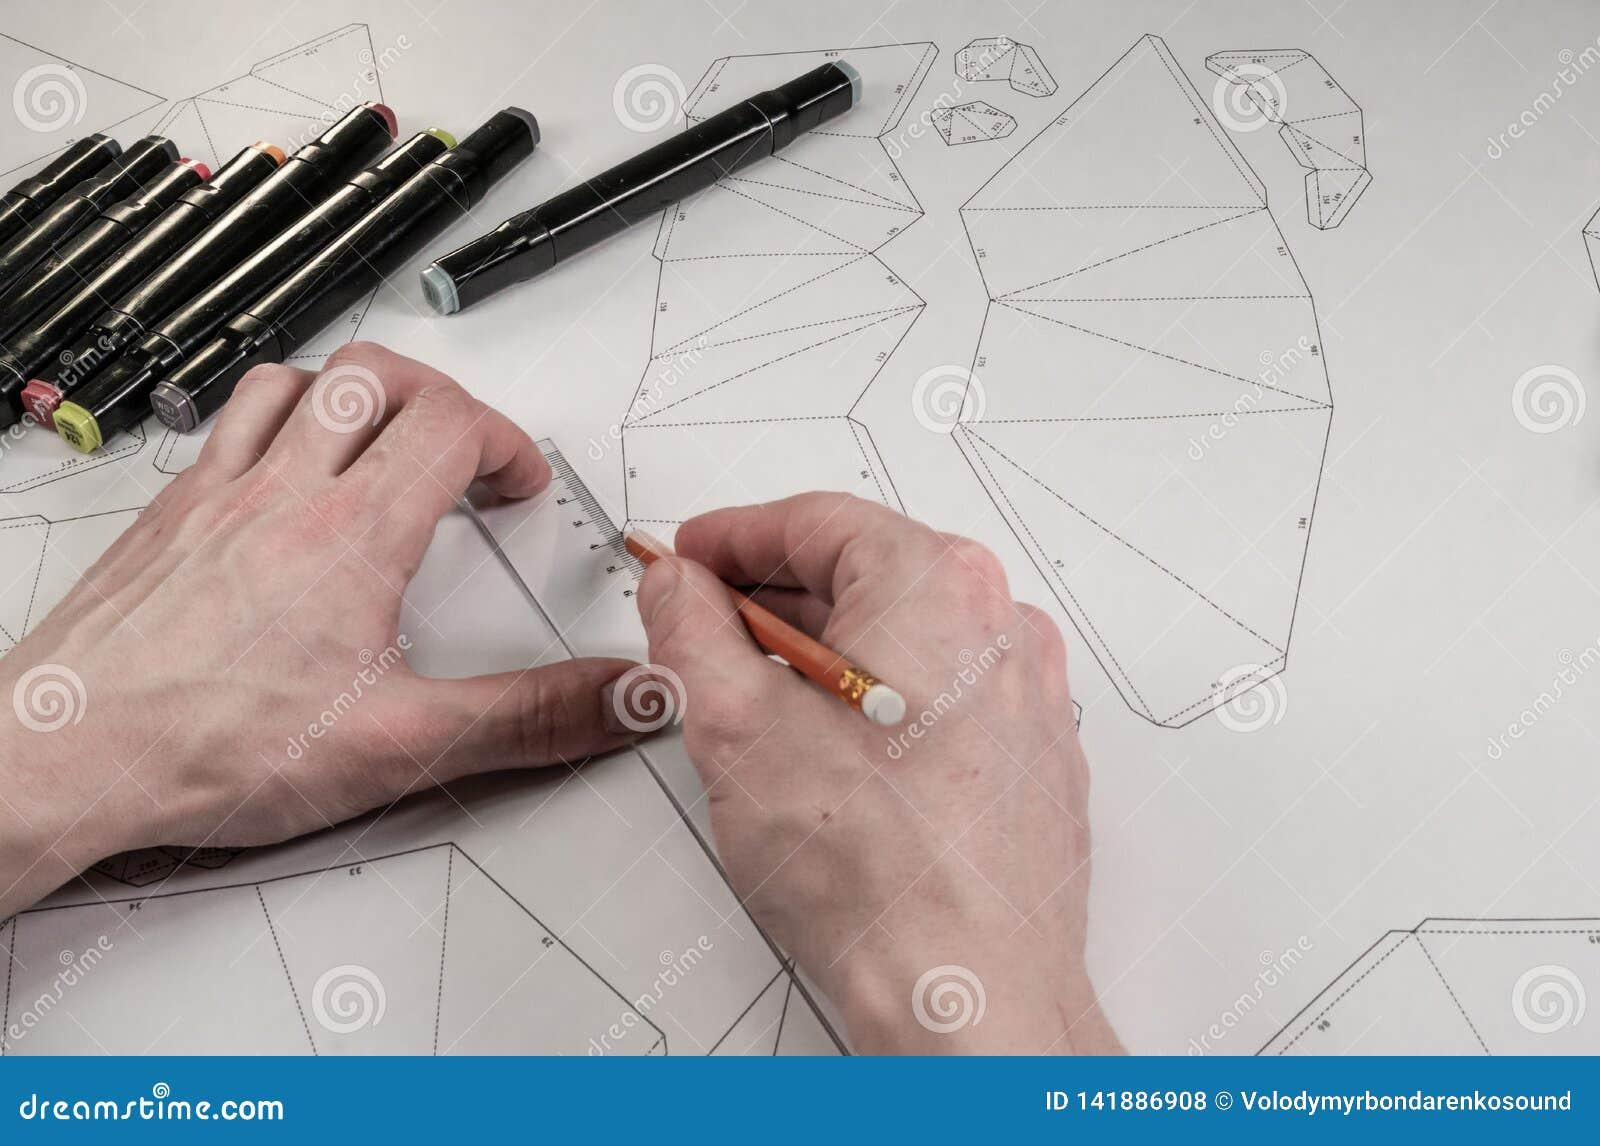 Den manliga formgivaren gör en funktionsduglig teckning Arbetsplats av en leksakformgivare Markörer, linjalen, pennan och blyerts